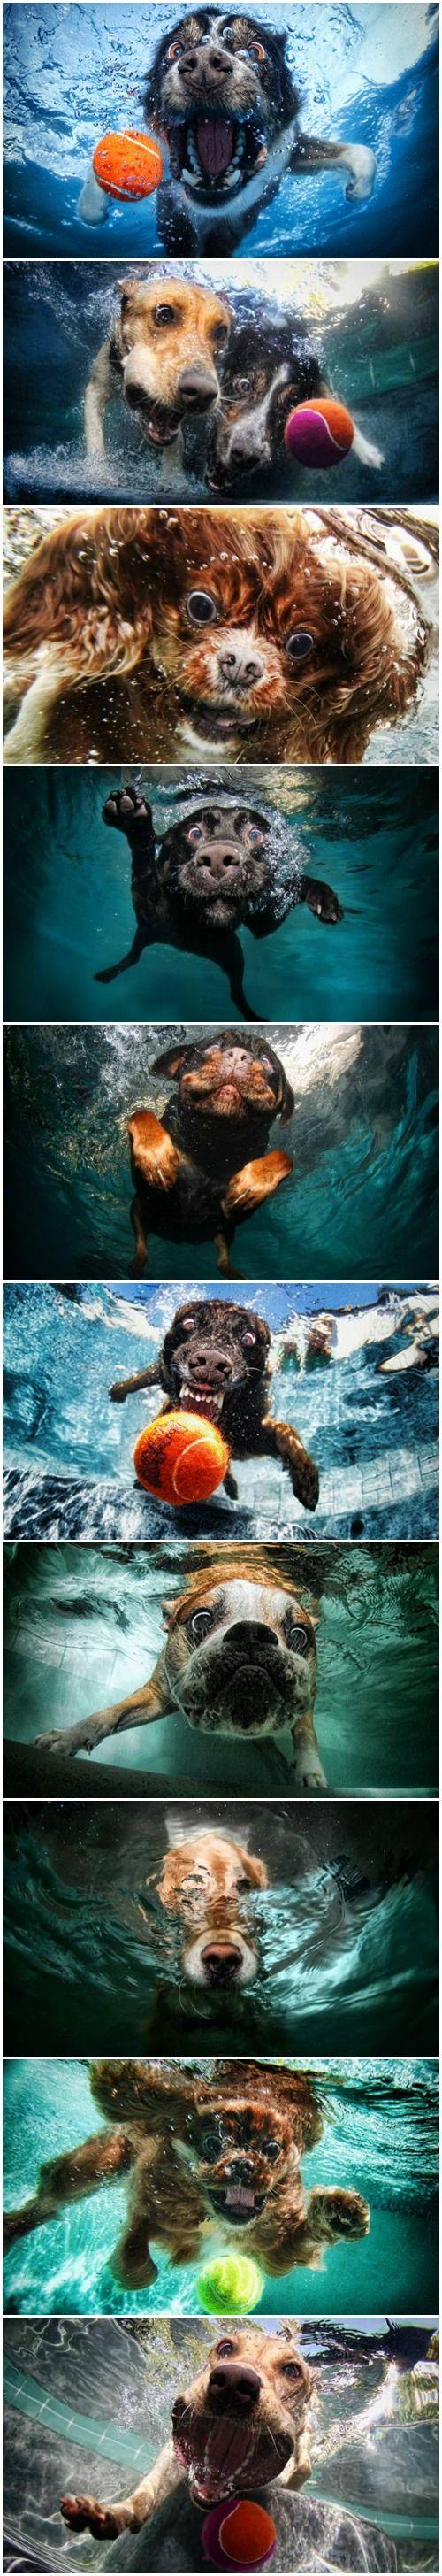 underwater dogs // fetch